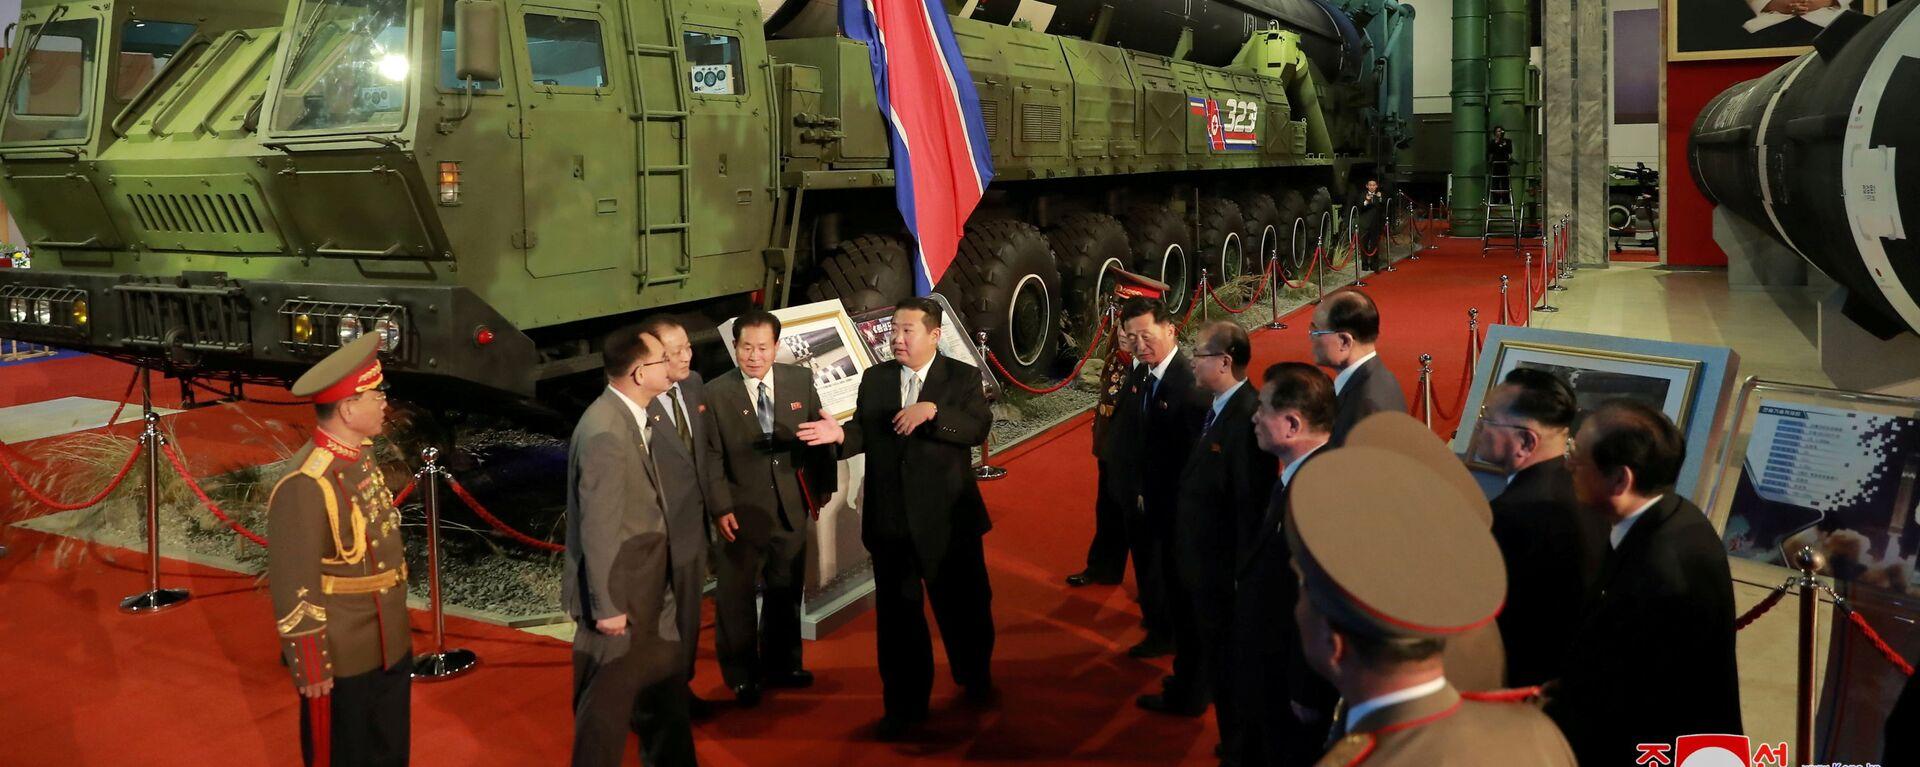 Nhà lãnh đạo CHDCND Triều Tiên Kim Jong-un tại Triển lãm công nghiệp quốc phòng ở Bình Nhưỡng - Sputnik Việt Nam, 1920, 12.10.2021